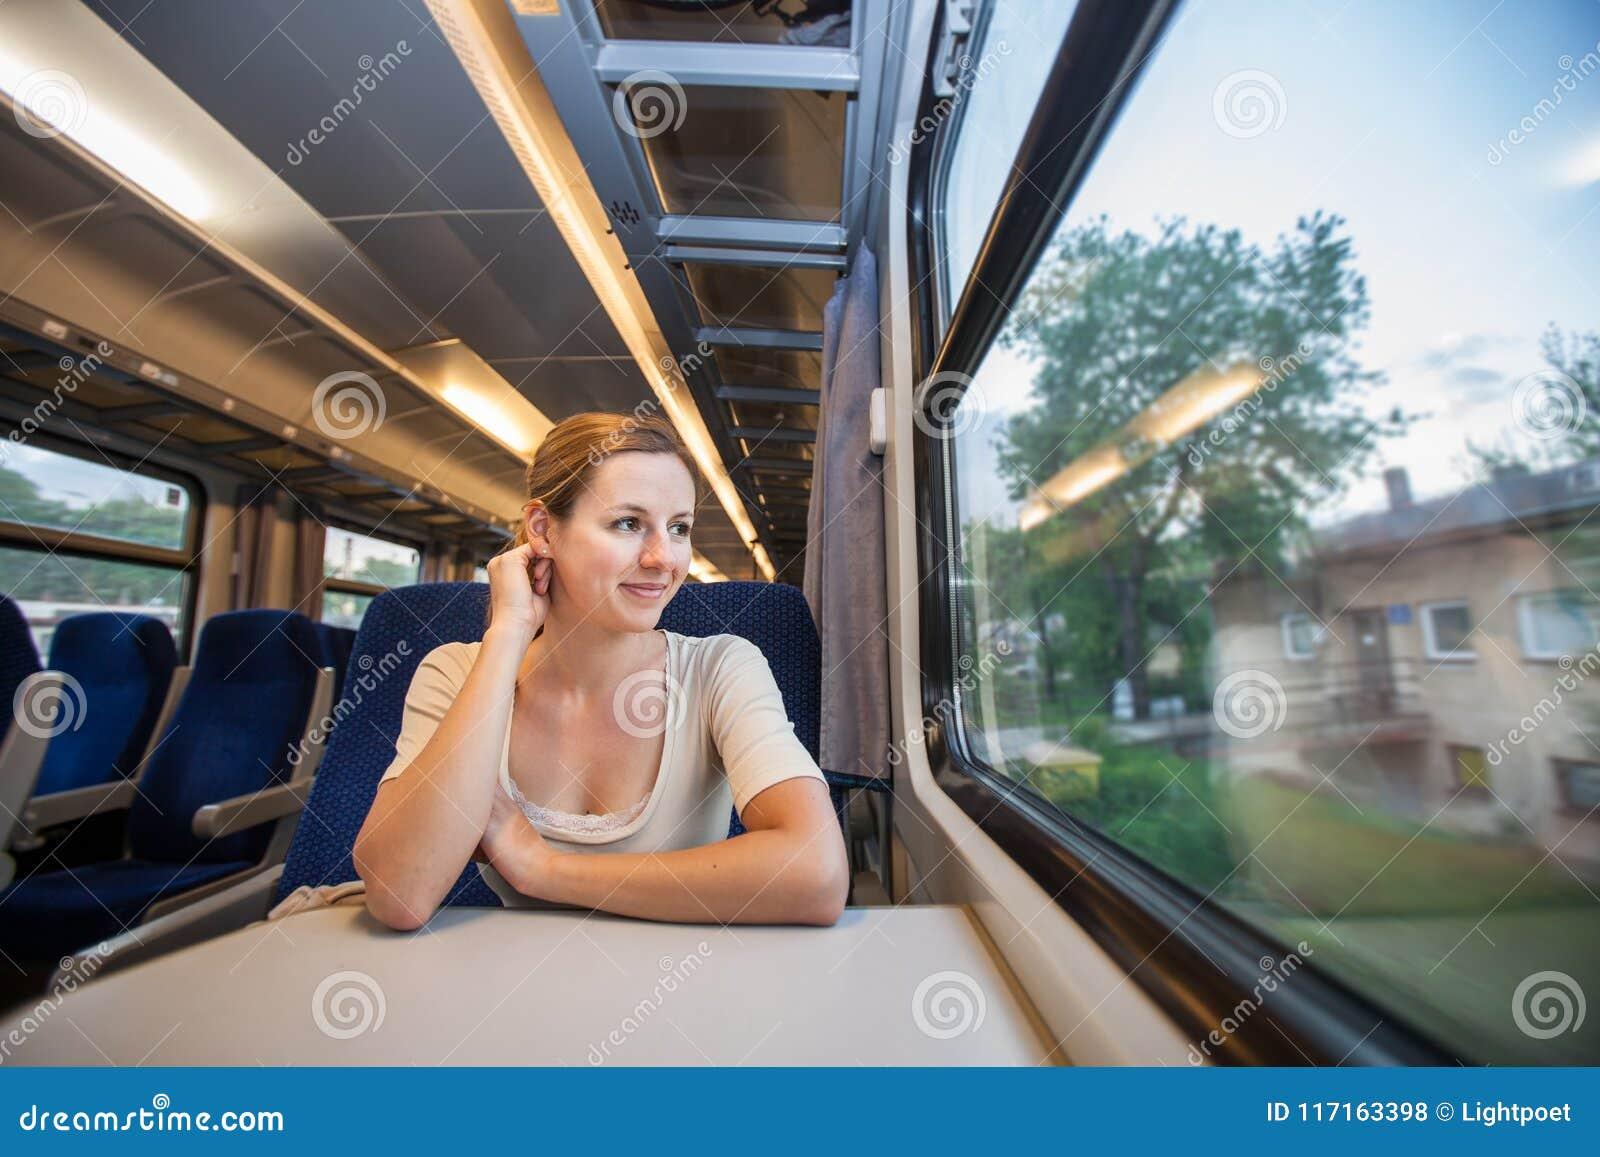 Femme voyageant par chemin de fer